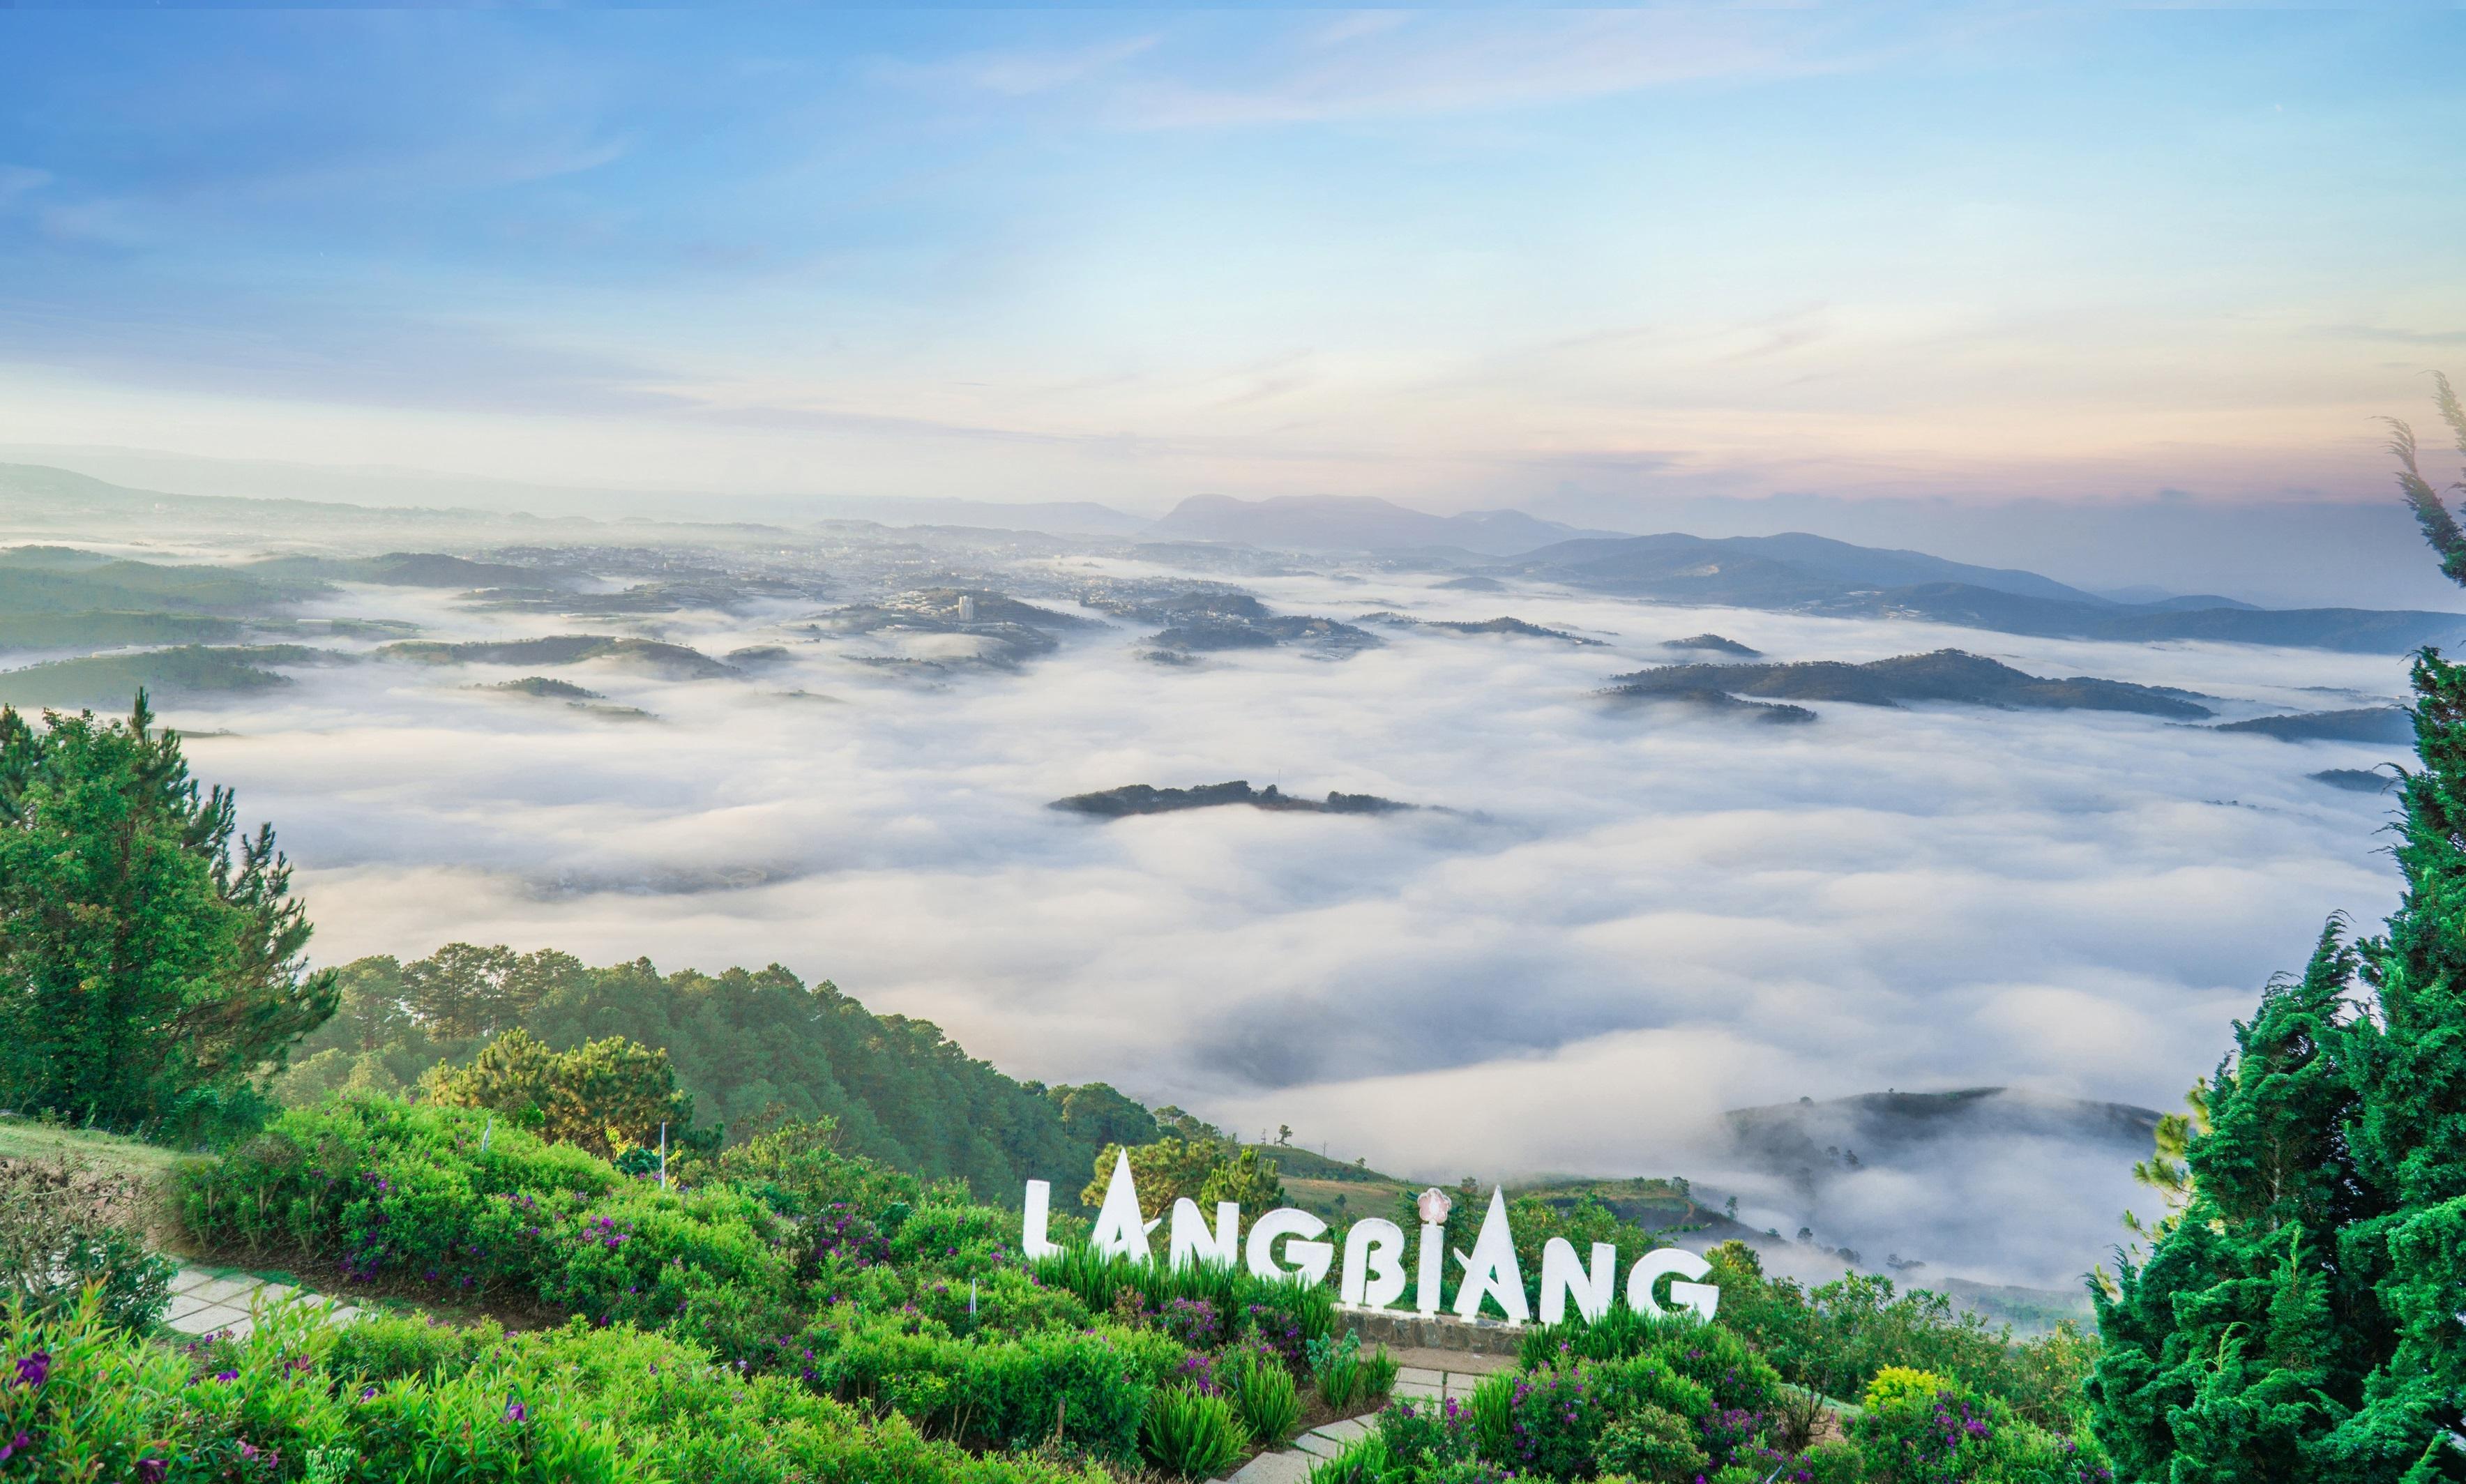 Langbiang là một món quà vô giá mà tạo hóa đã ban cho Đà Lạt. Ảnh: Dalatcity.